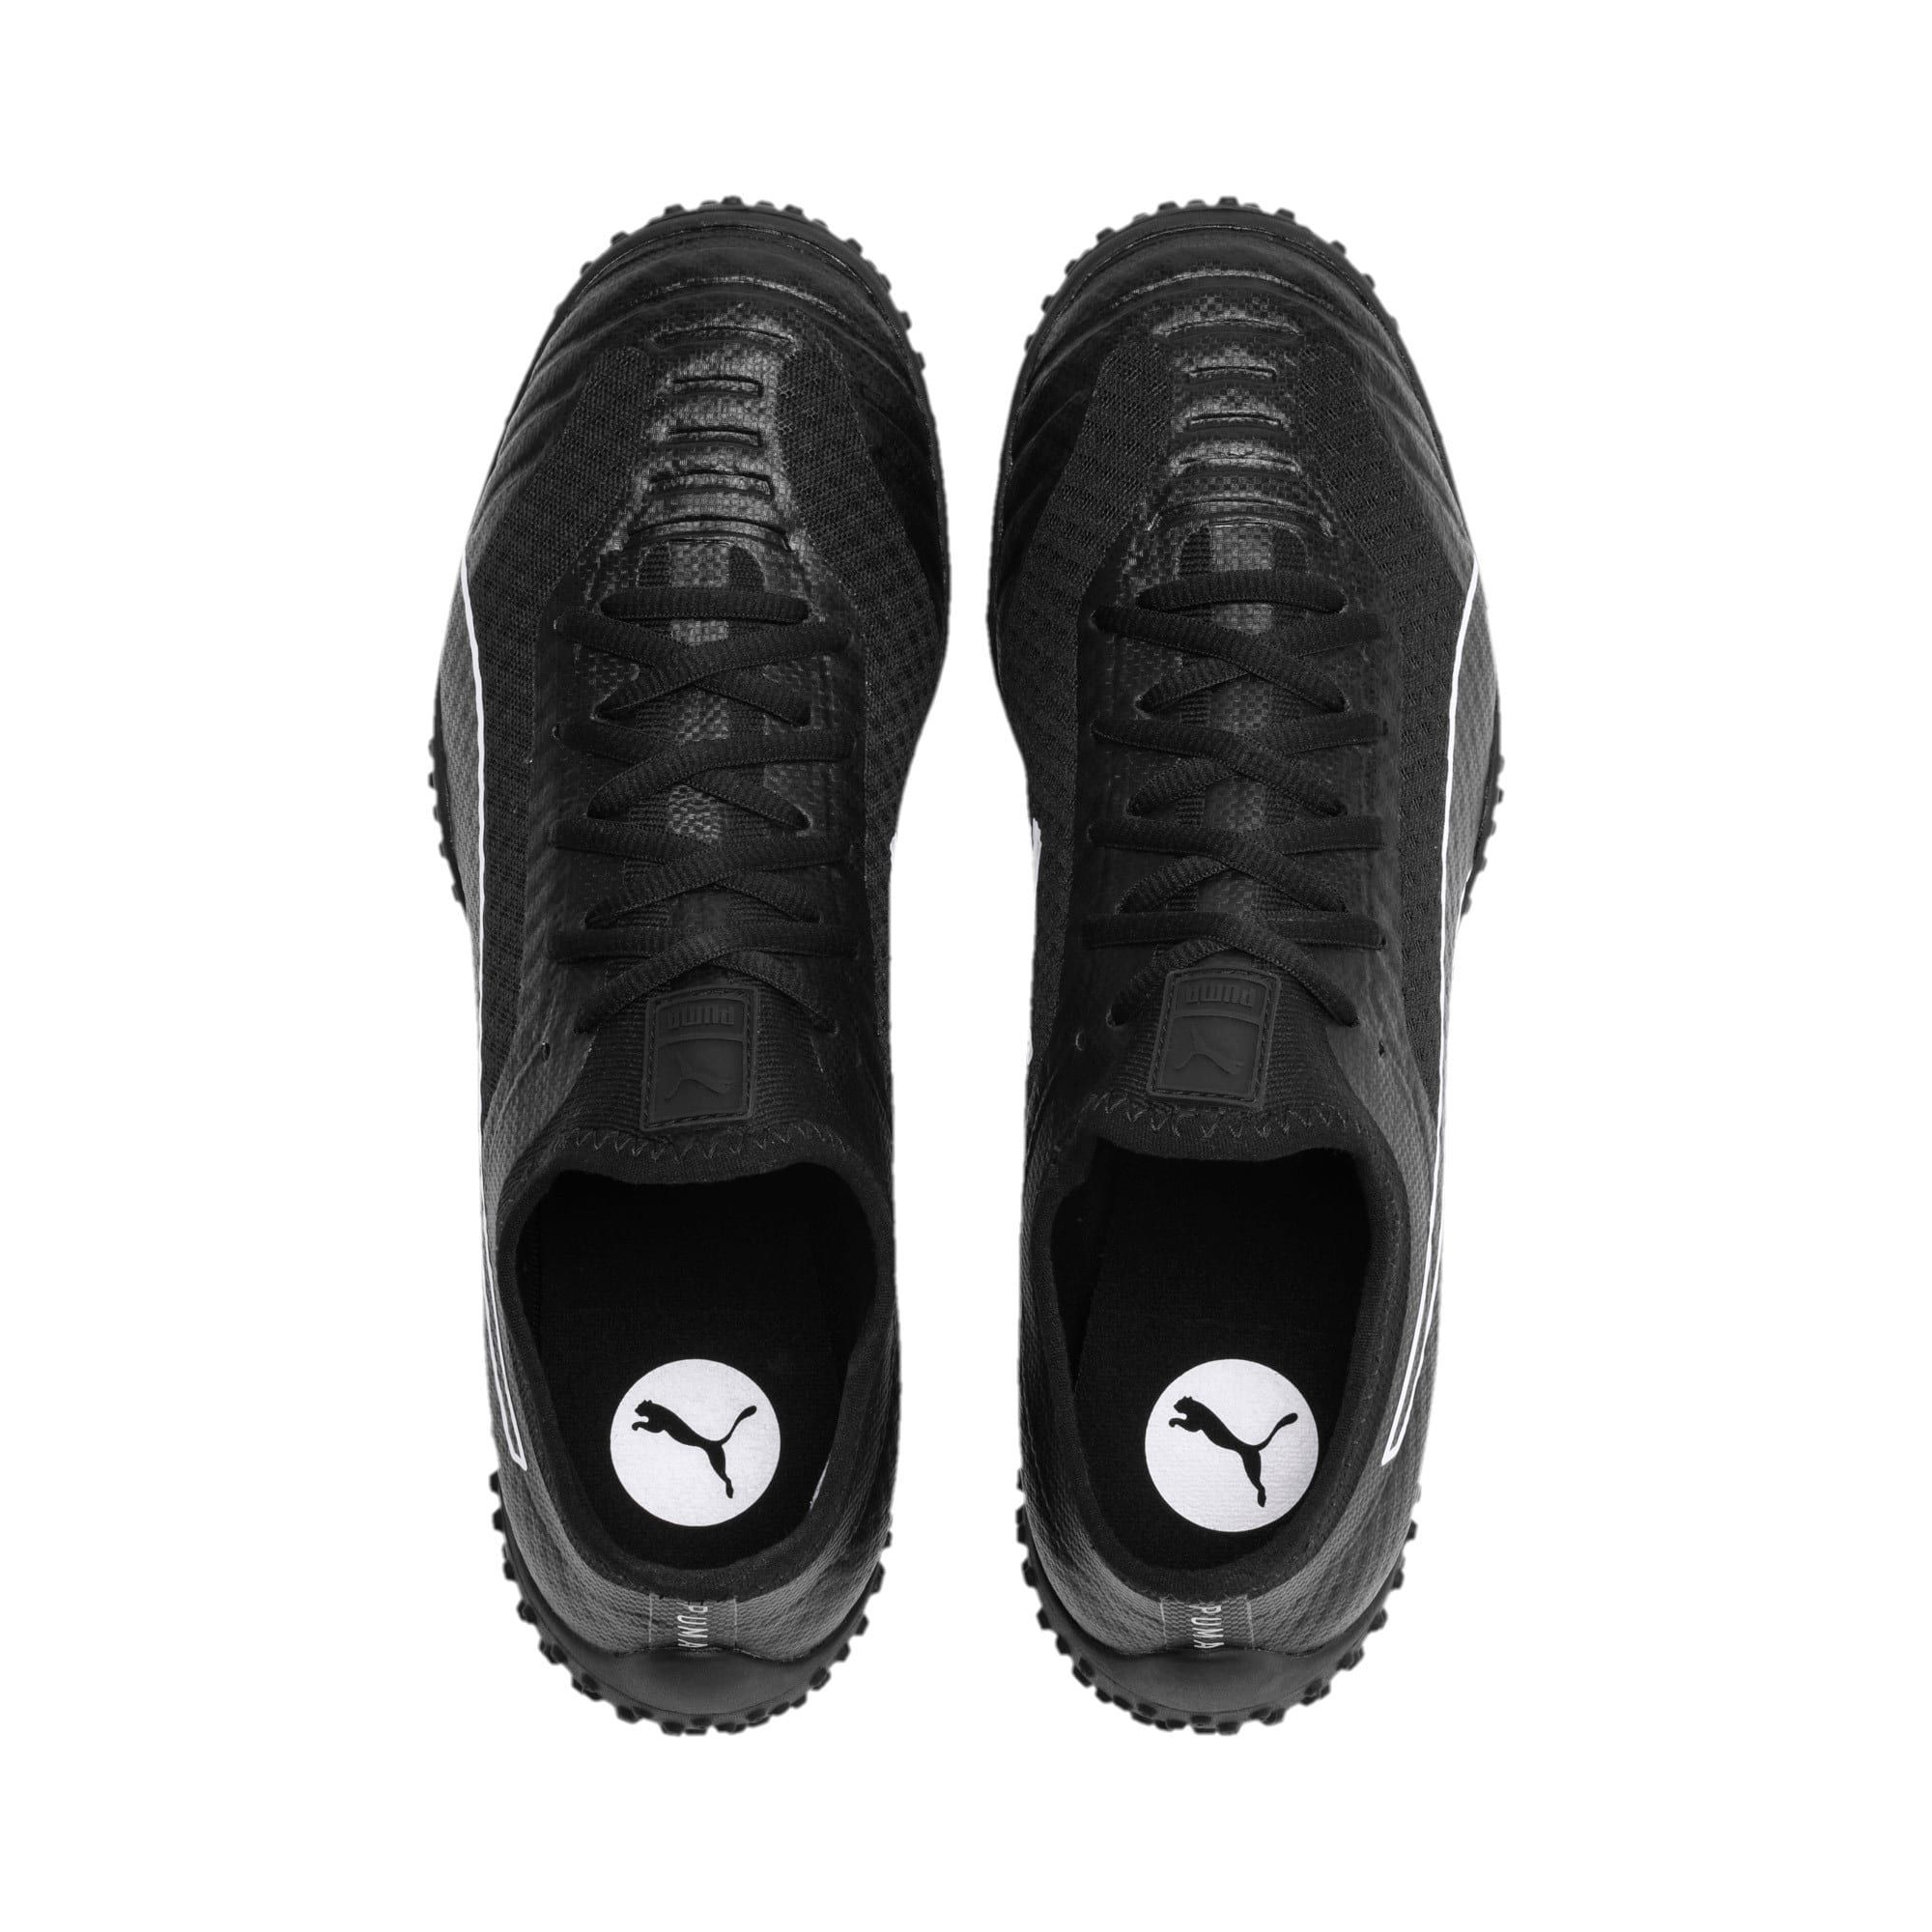 Puma 365 Concrete 2 Men S Football Boots In Black White Size 9 5